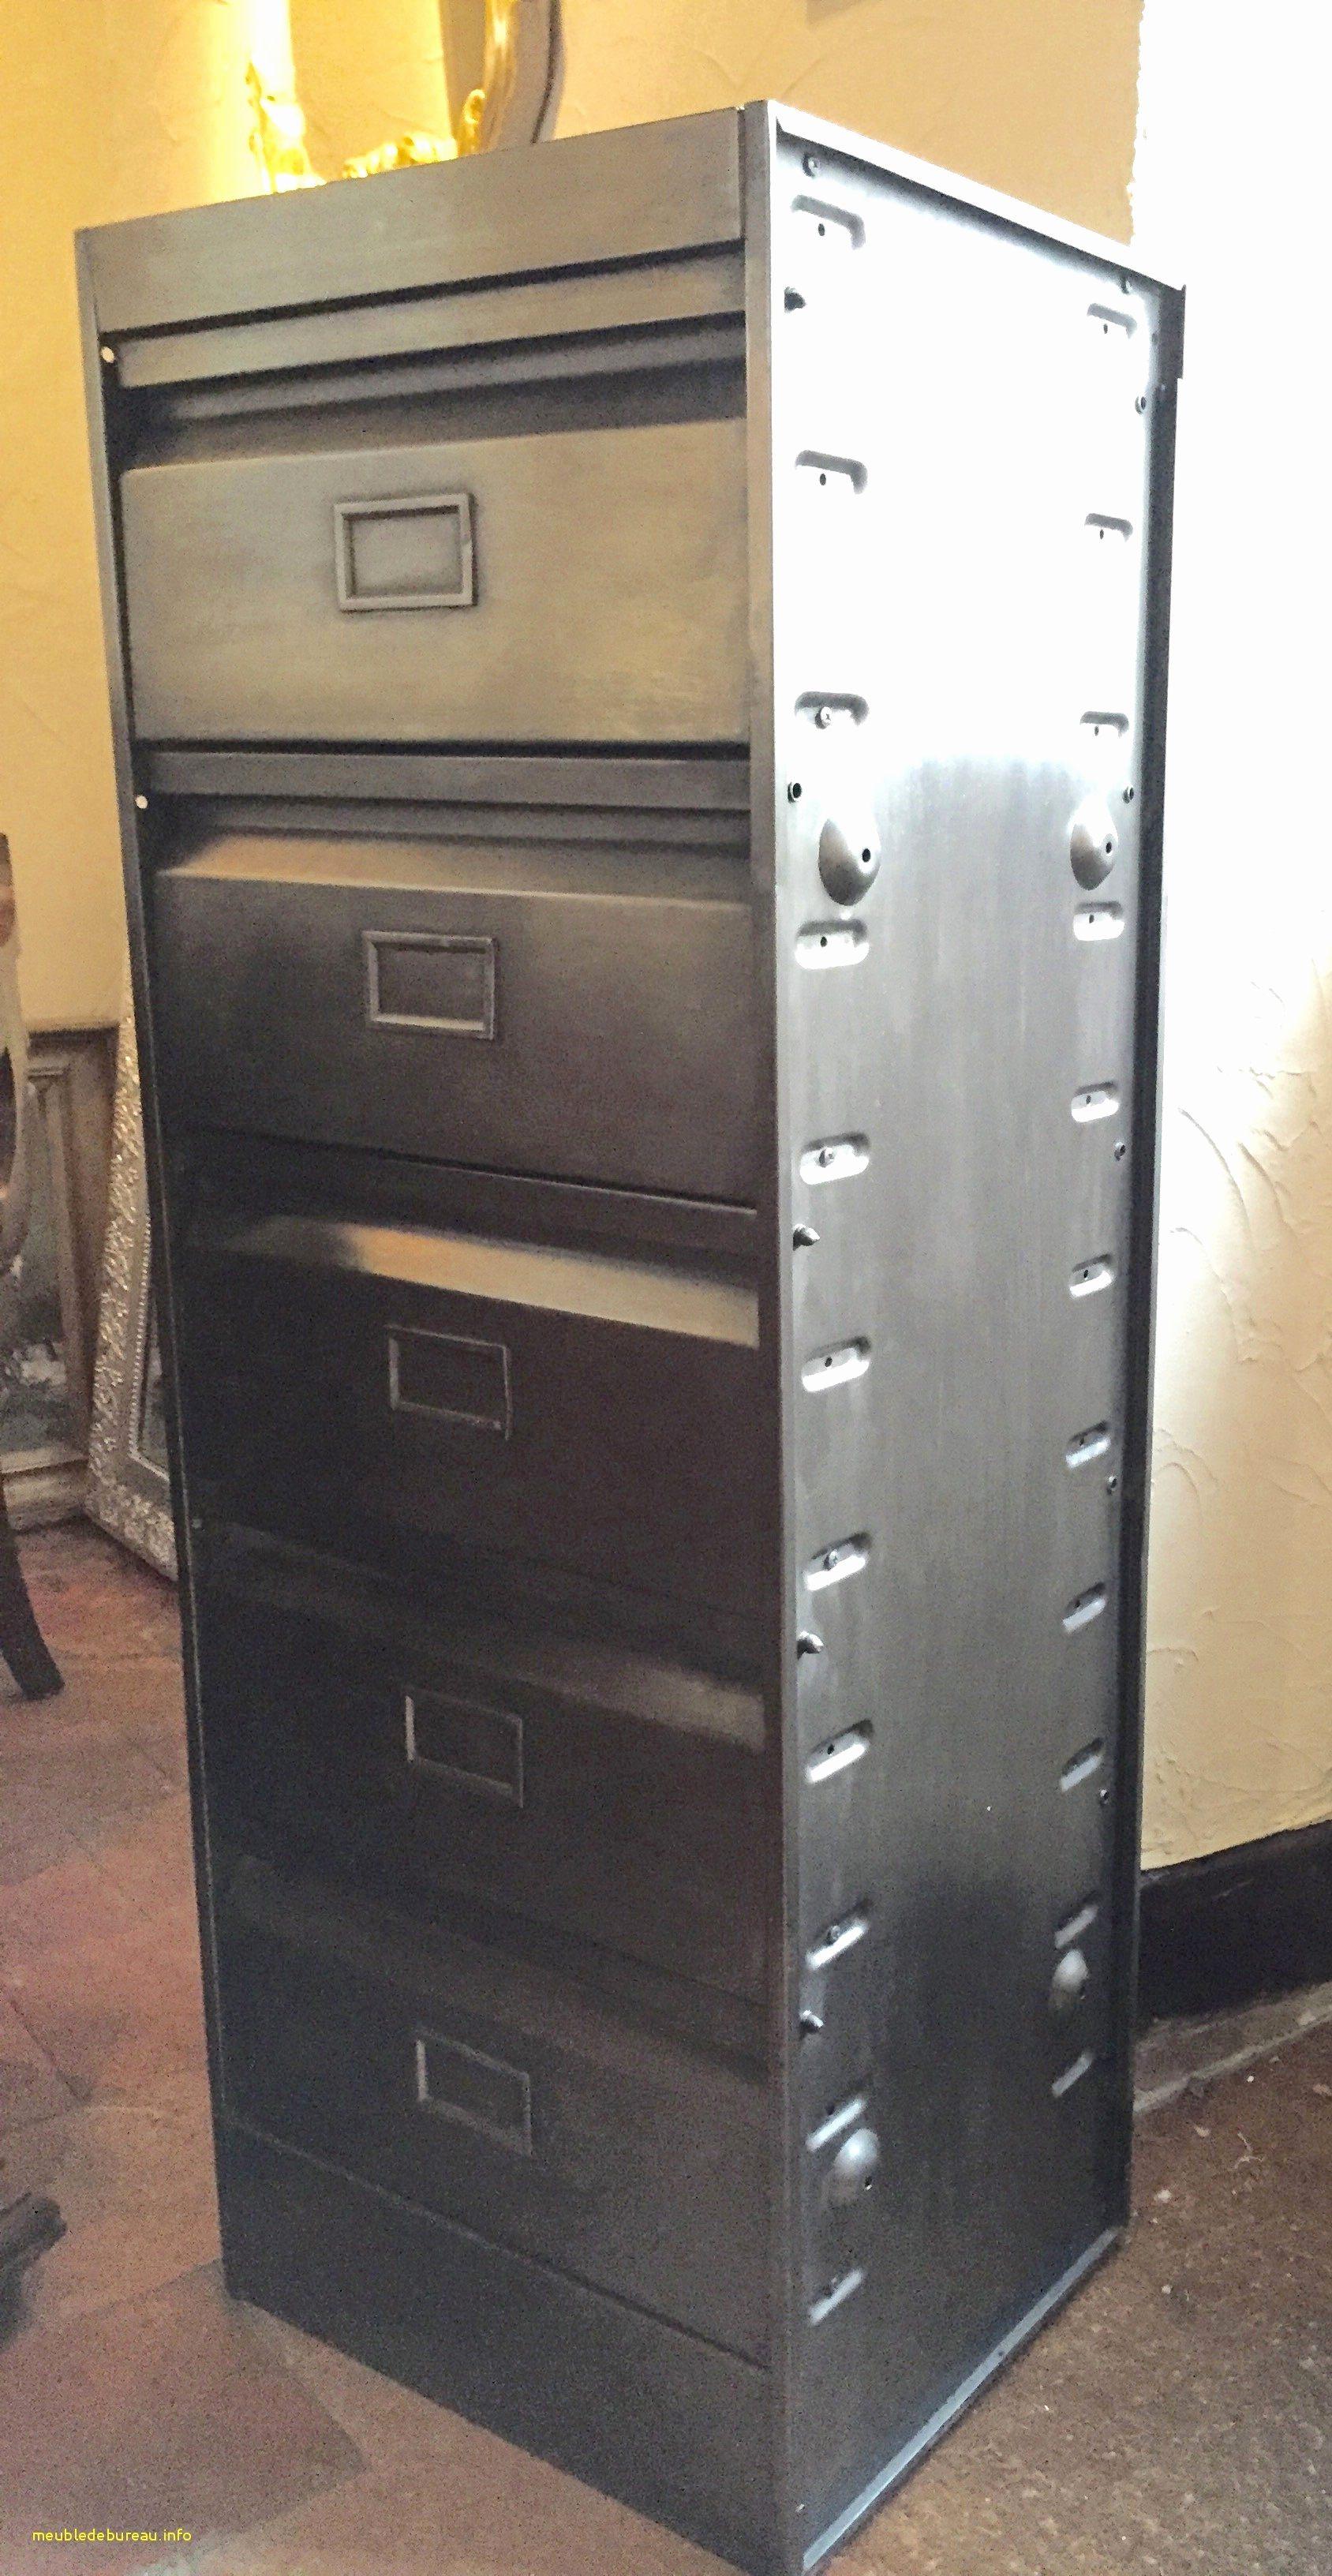 Lit Haut Avec Rangement Élégant Bureau Avec Rangement Pas Cher Frais Ikea Mobilier De Bureau Meuble